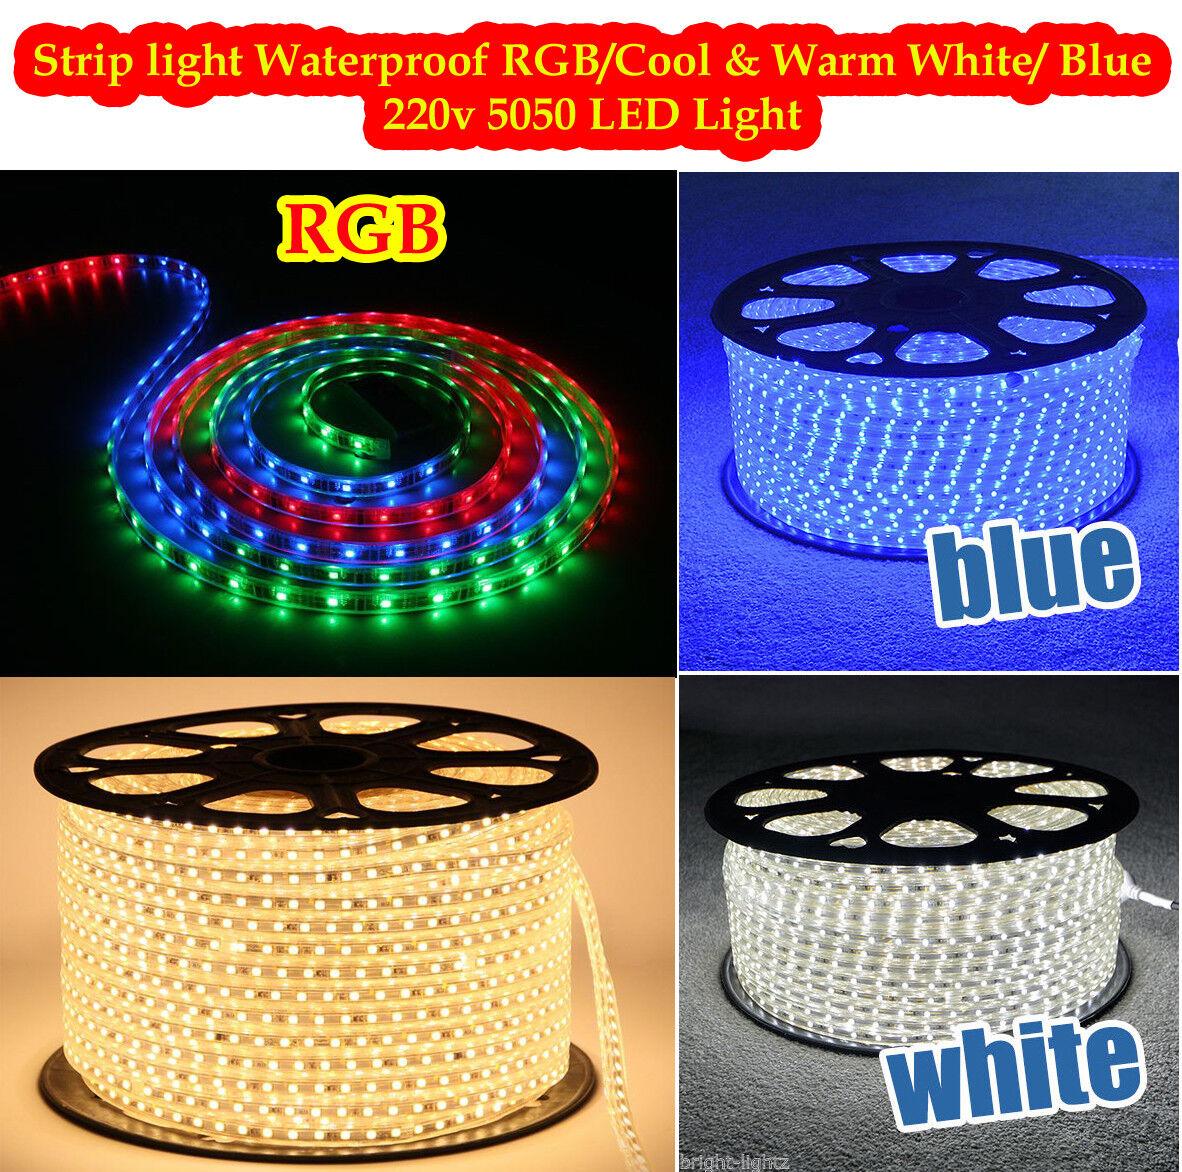 Tira de LED 220 V 230 V 240 V Rgb Impermeable 5050 SMD Luces Cuerda + Gratis AC adoptante